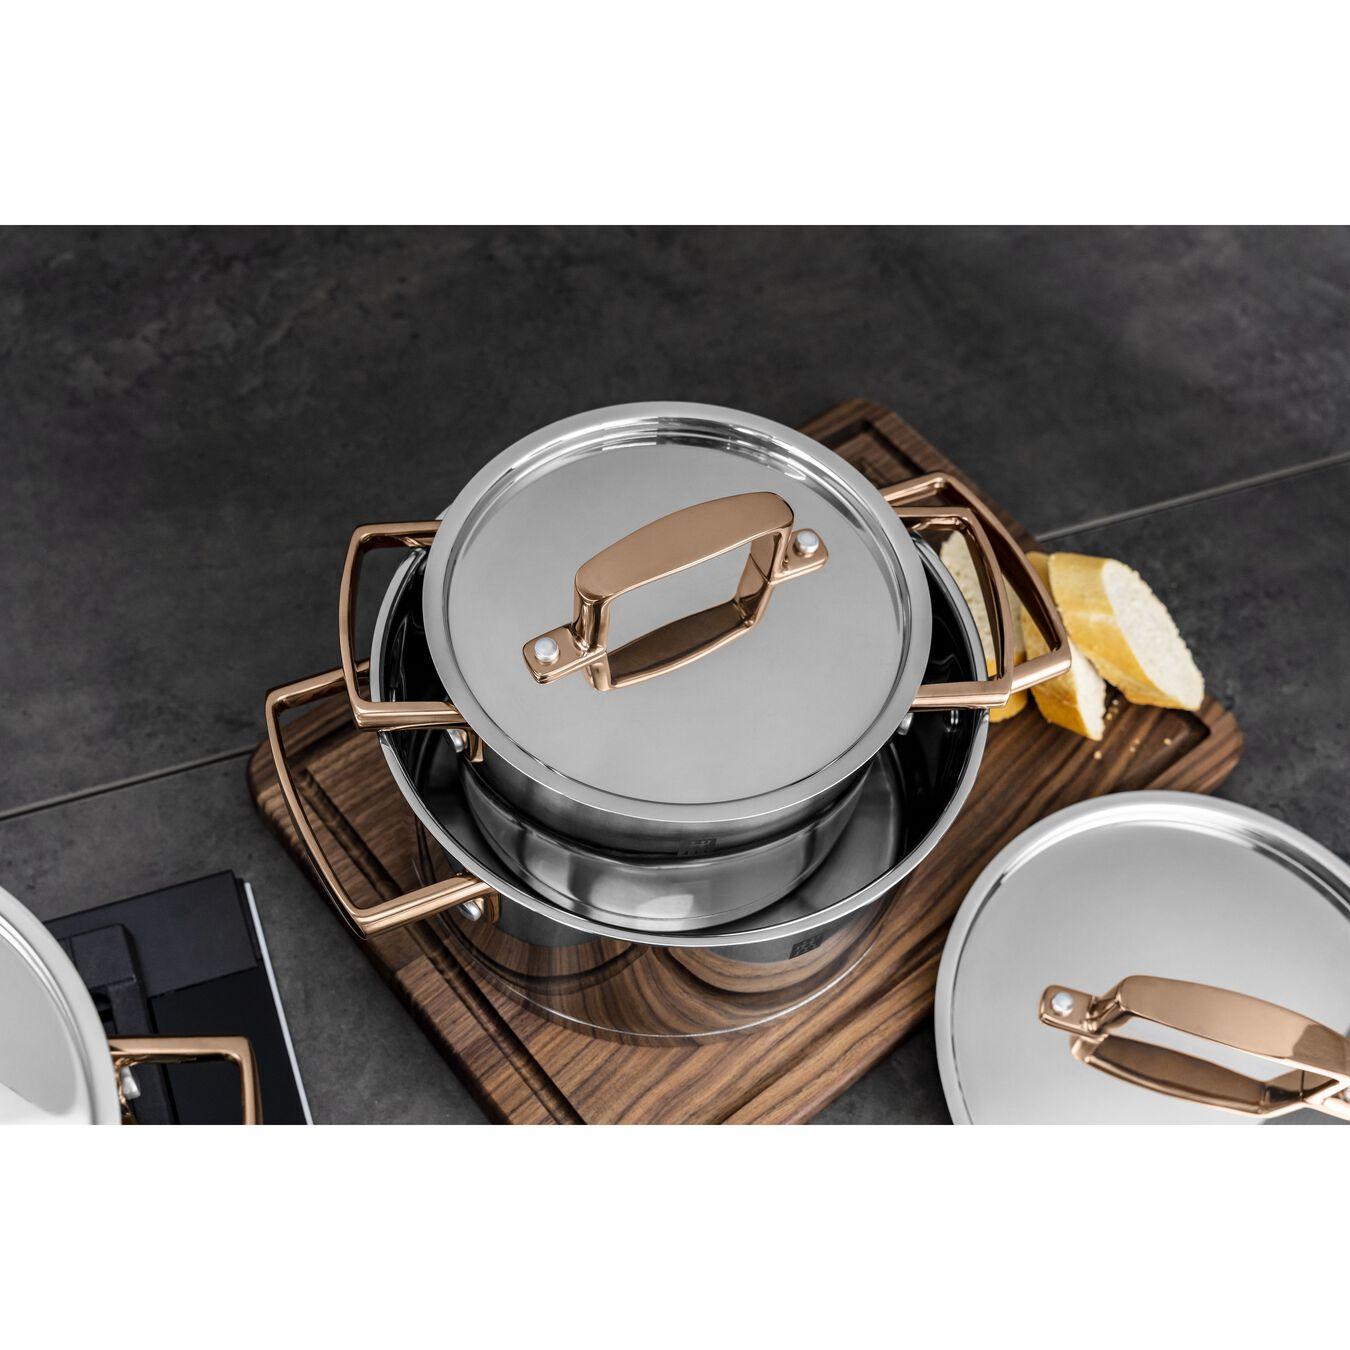 Set di pentole e padelle - 5-pz., 18/10 acciaio inossidabile,,large 9